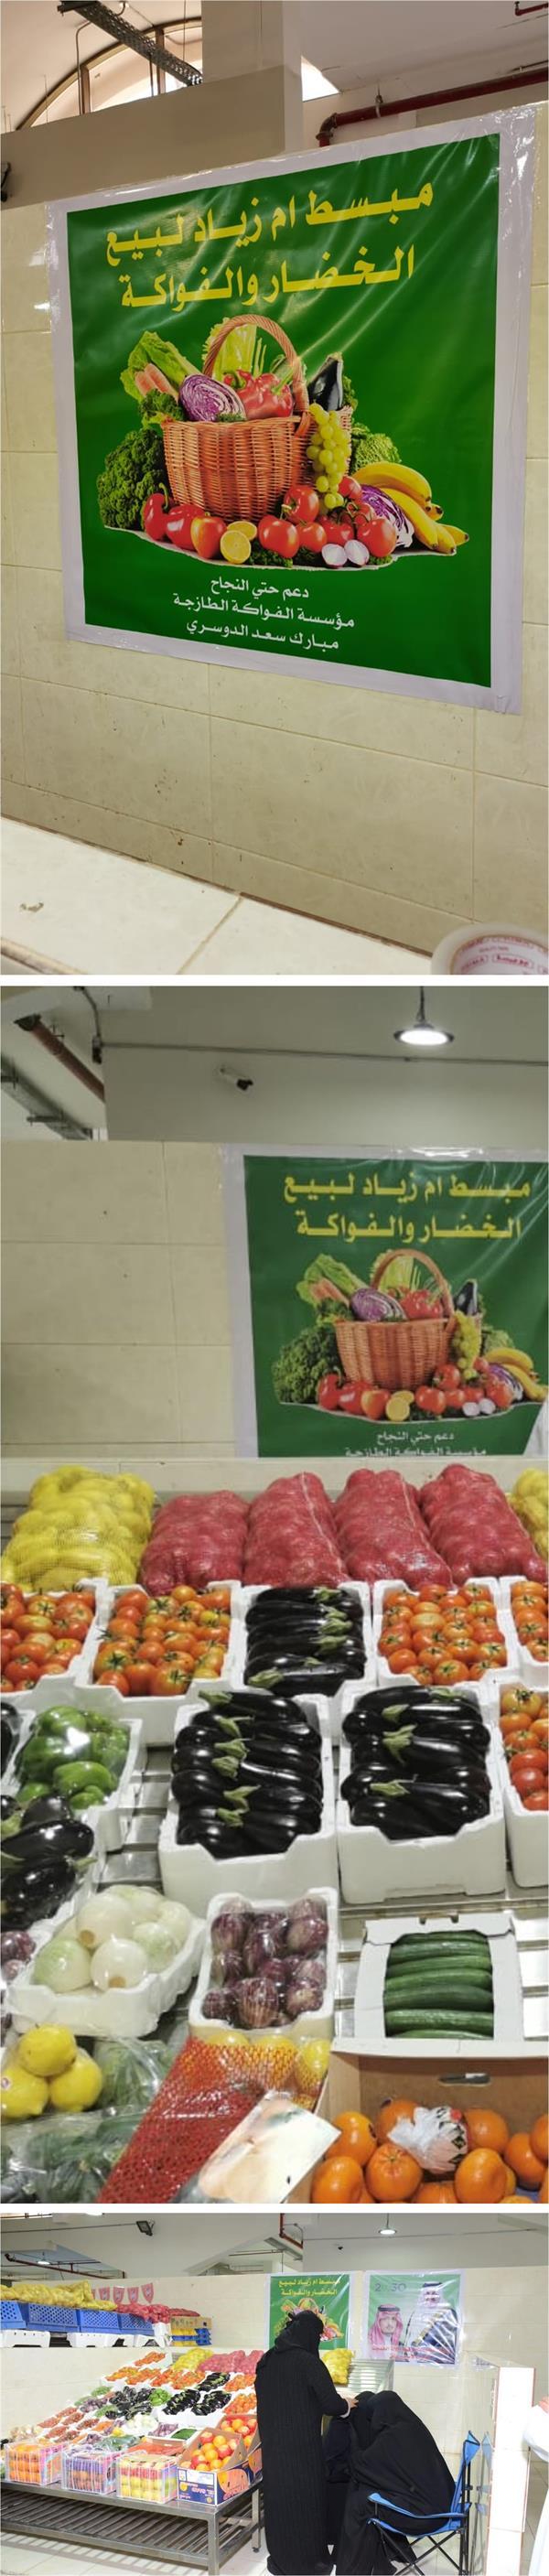 """صور لمقر """"أم زياد"""" الجديد بسوق الخضار المركزي"""